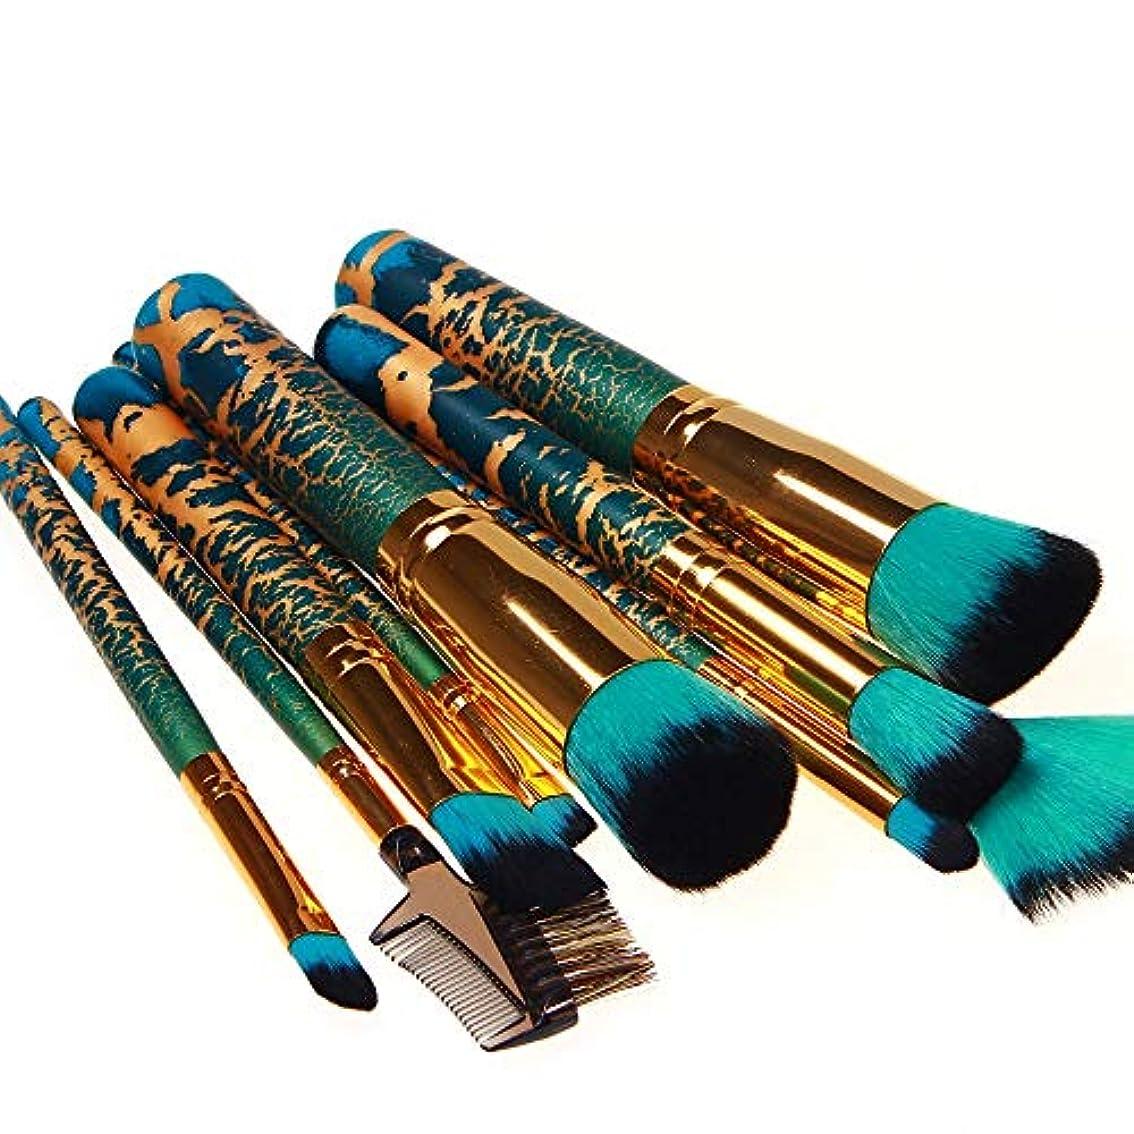 それぞれひらめき最適Makeup brushes 木の化粧ブラシ10のナイロン毛のスナップ塗装プロセスが付いている化粧ブラシセット suits (Color : Green)